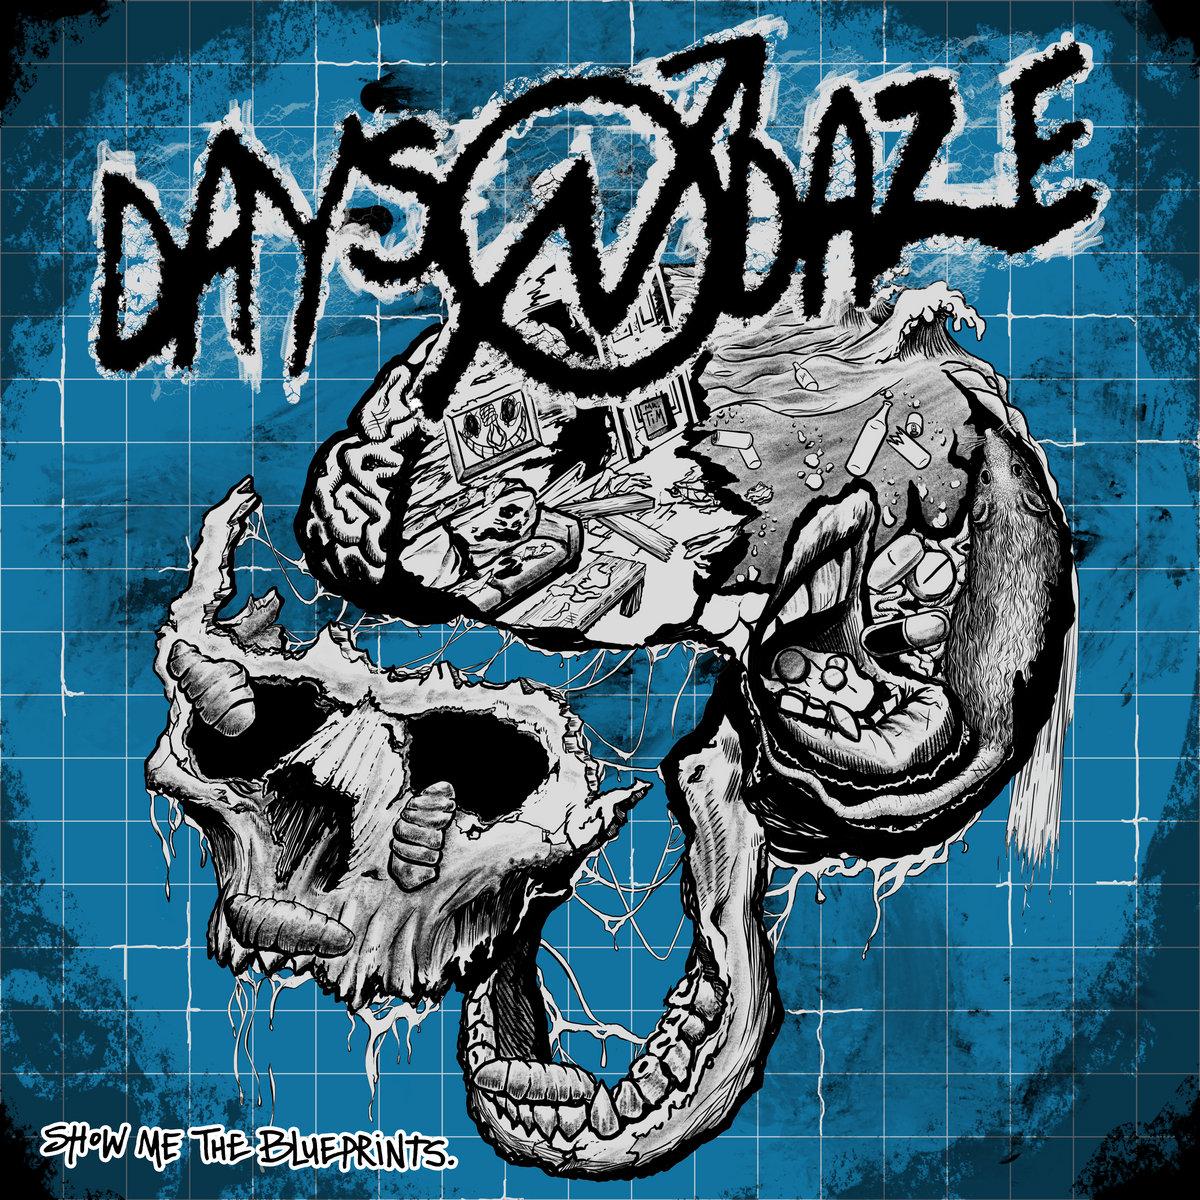 Days N' Daze - Show Me The Blueprints LP